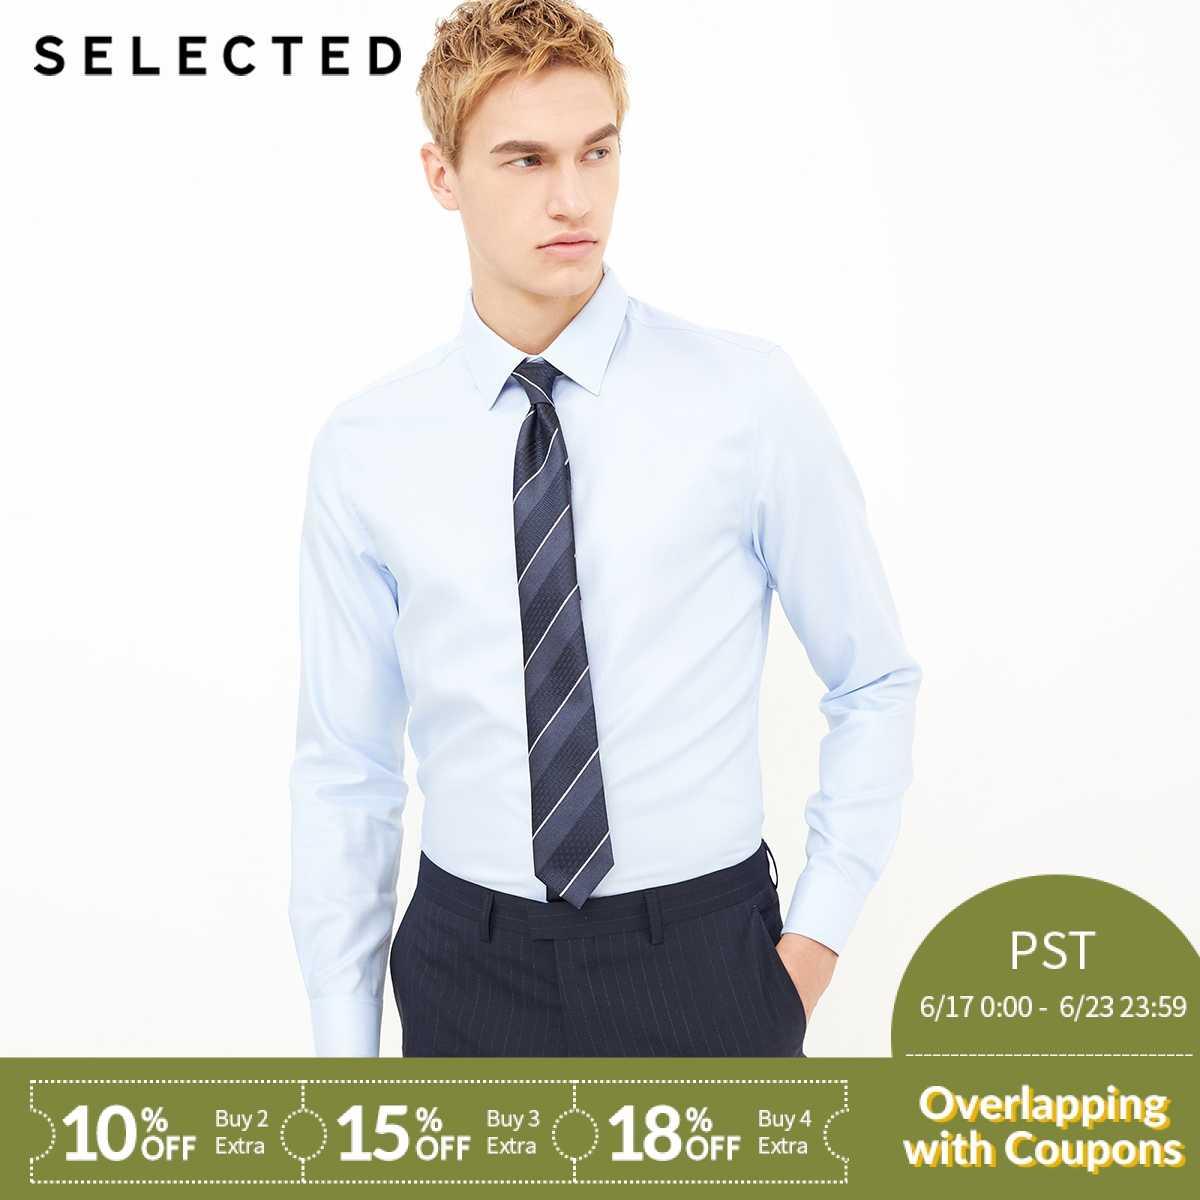 Отборная хлопковая рубашка с v-образным вырезом и длинными рукавами в деловом стиле | 418105543